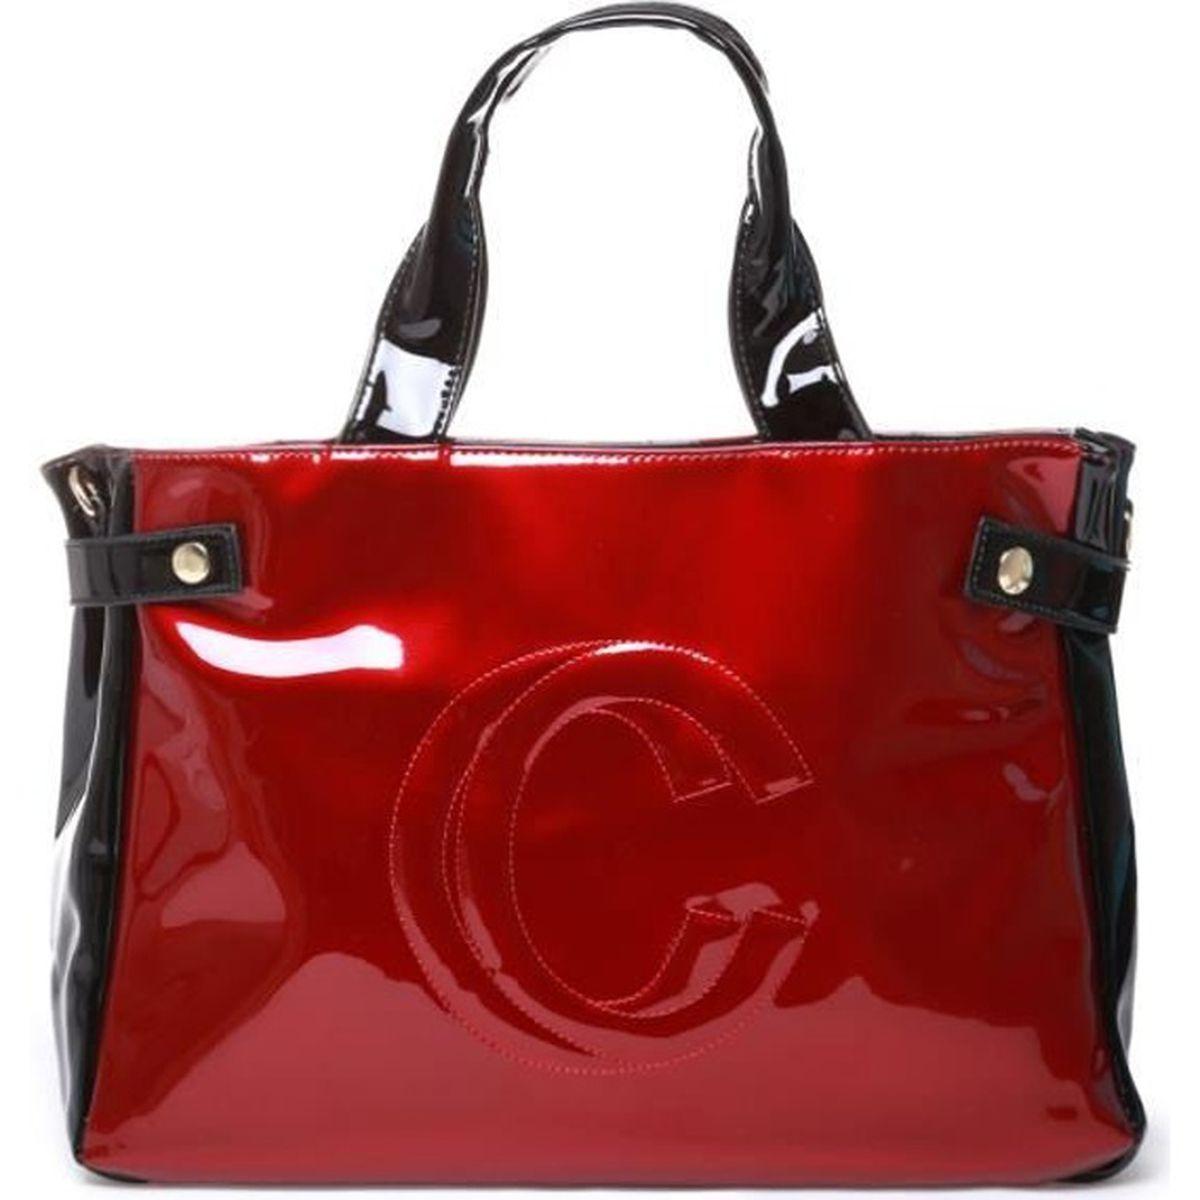 4af2e8d713 La Modeuse - Sac cabas femme vernis logotypé sur l'avant U Rouge ...